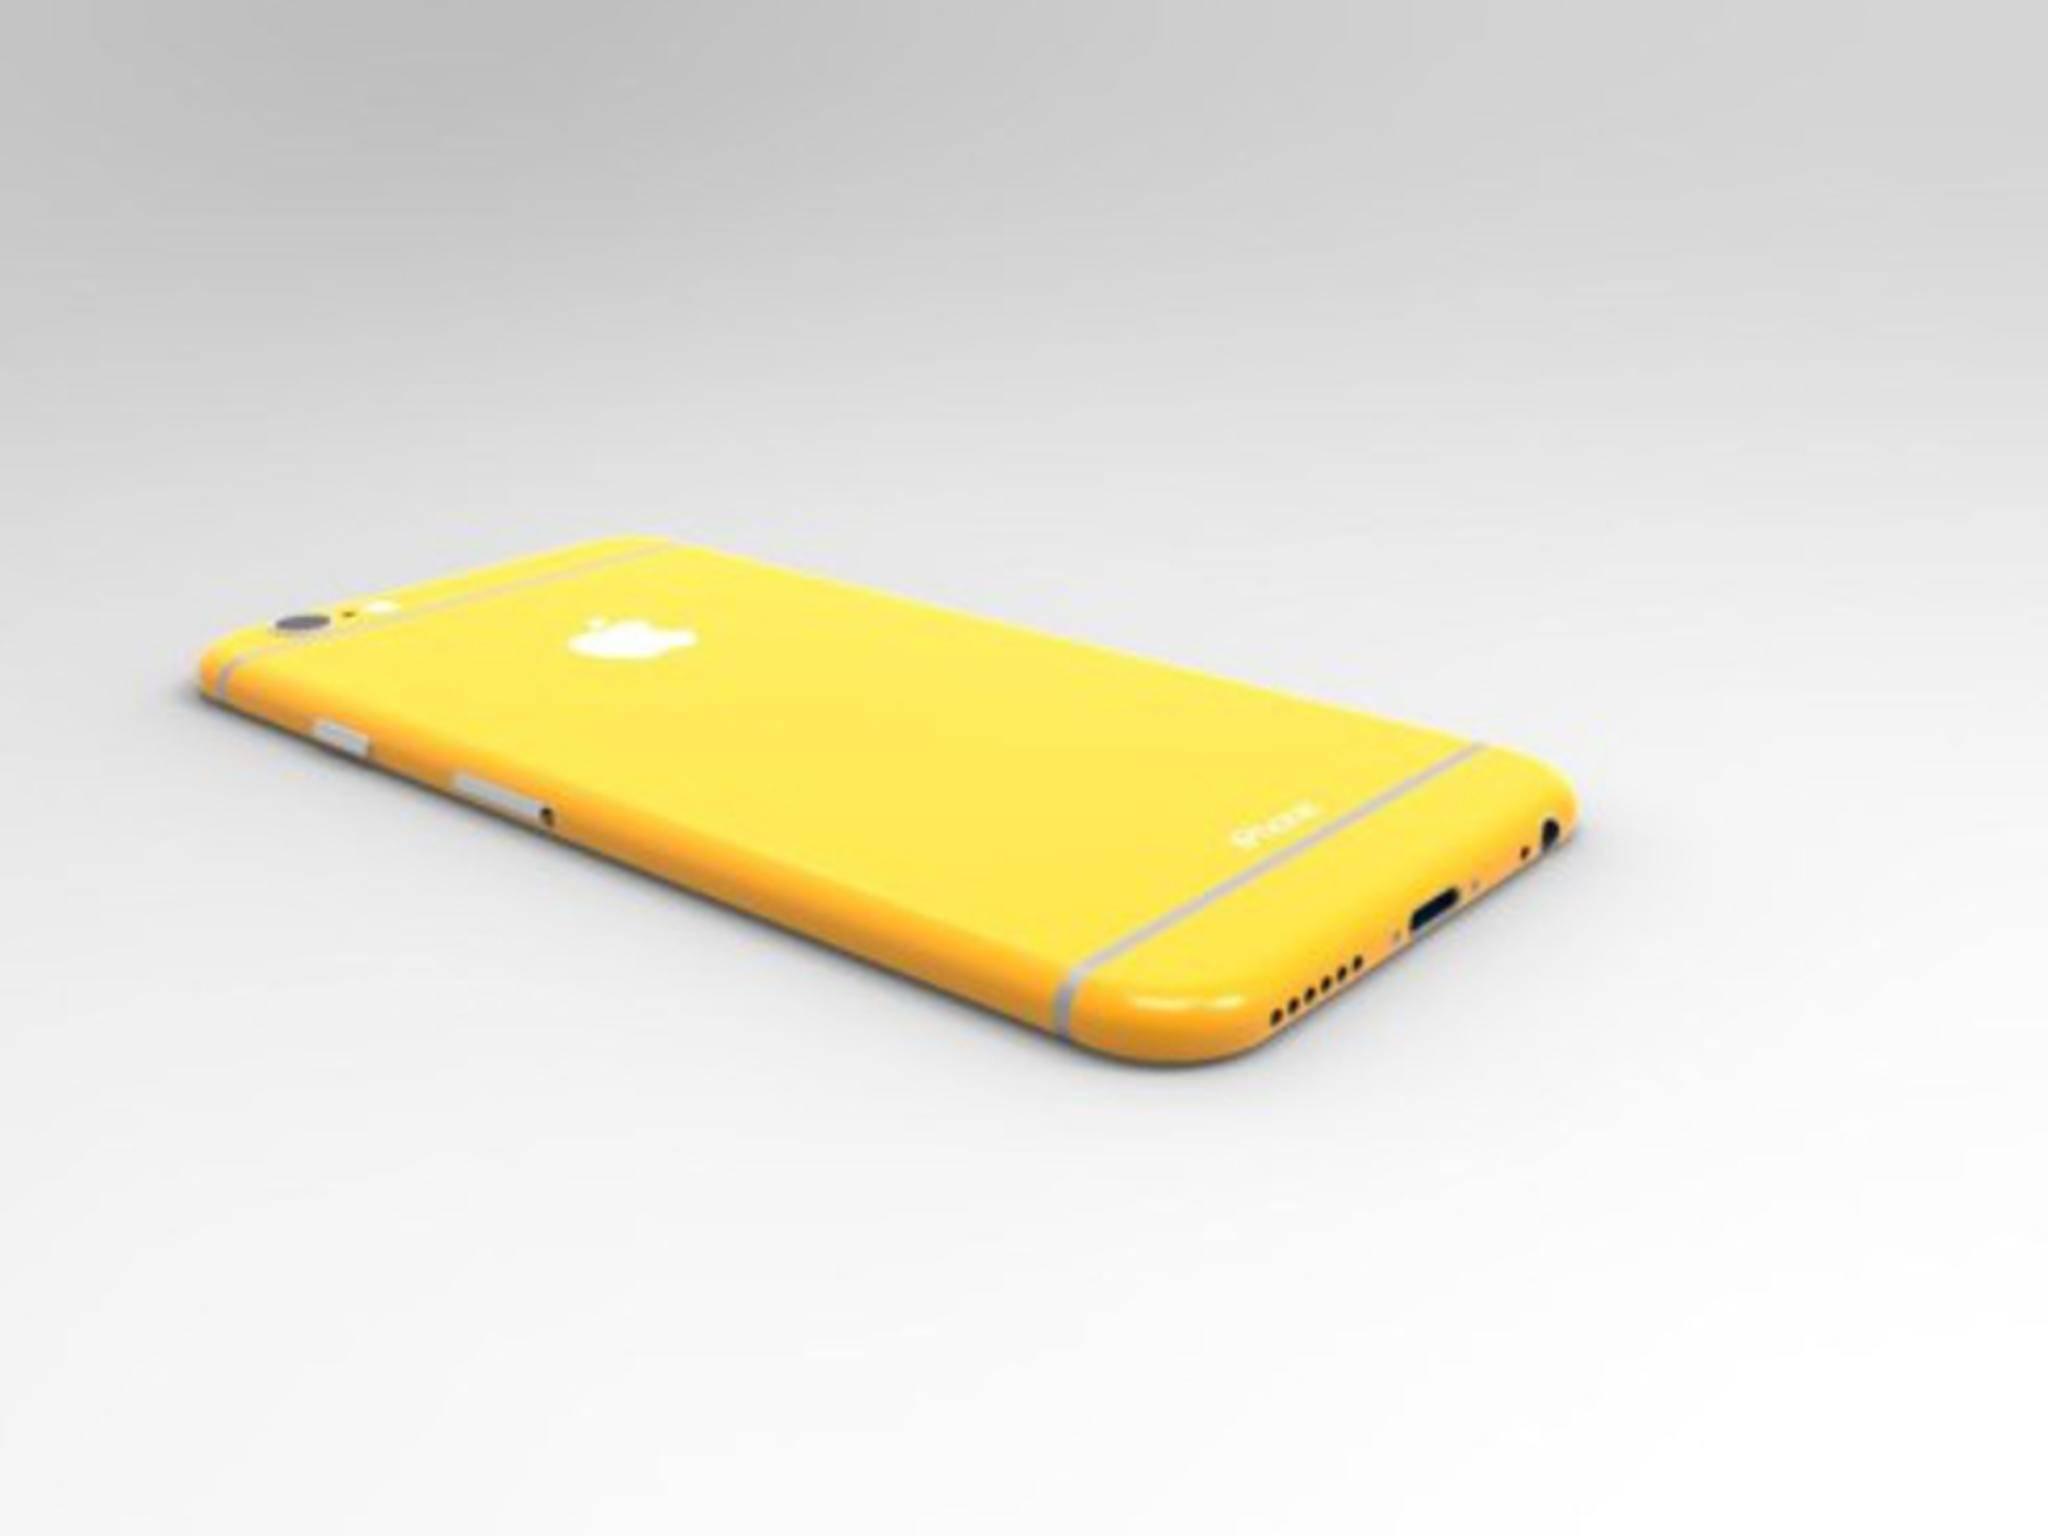 Konzept zum iPhone 6c von Kiarash Kia.